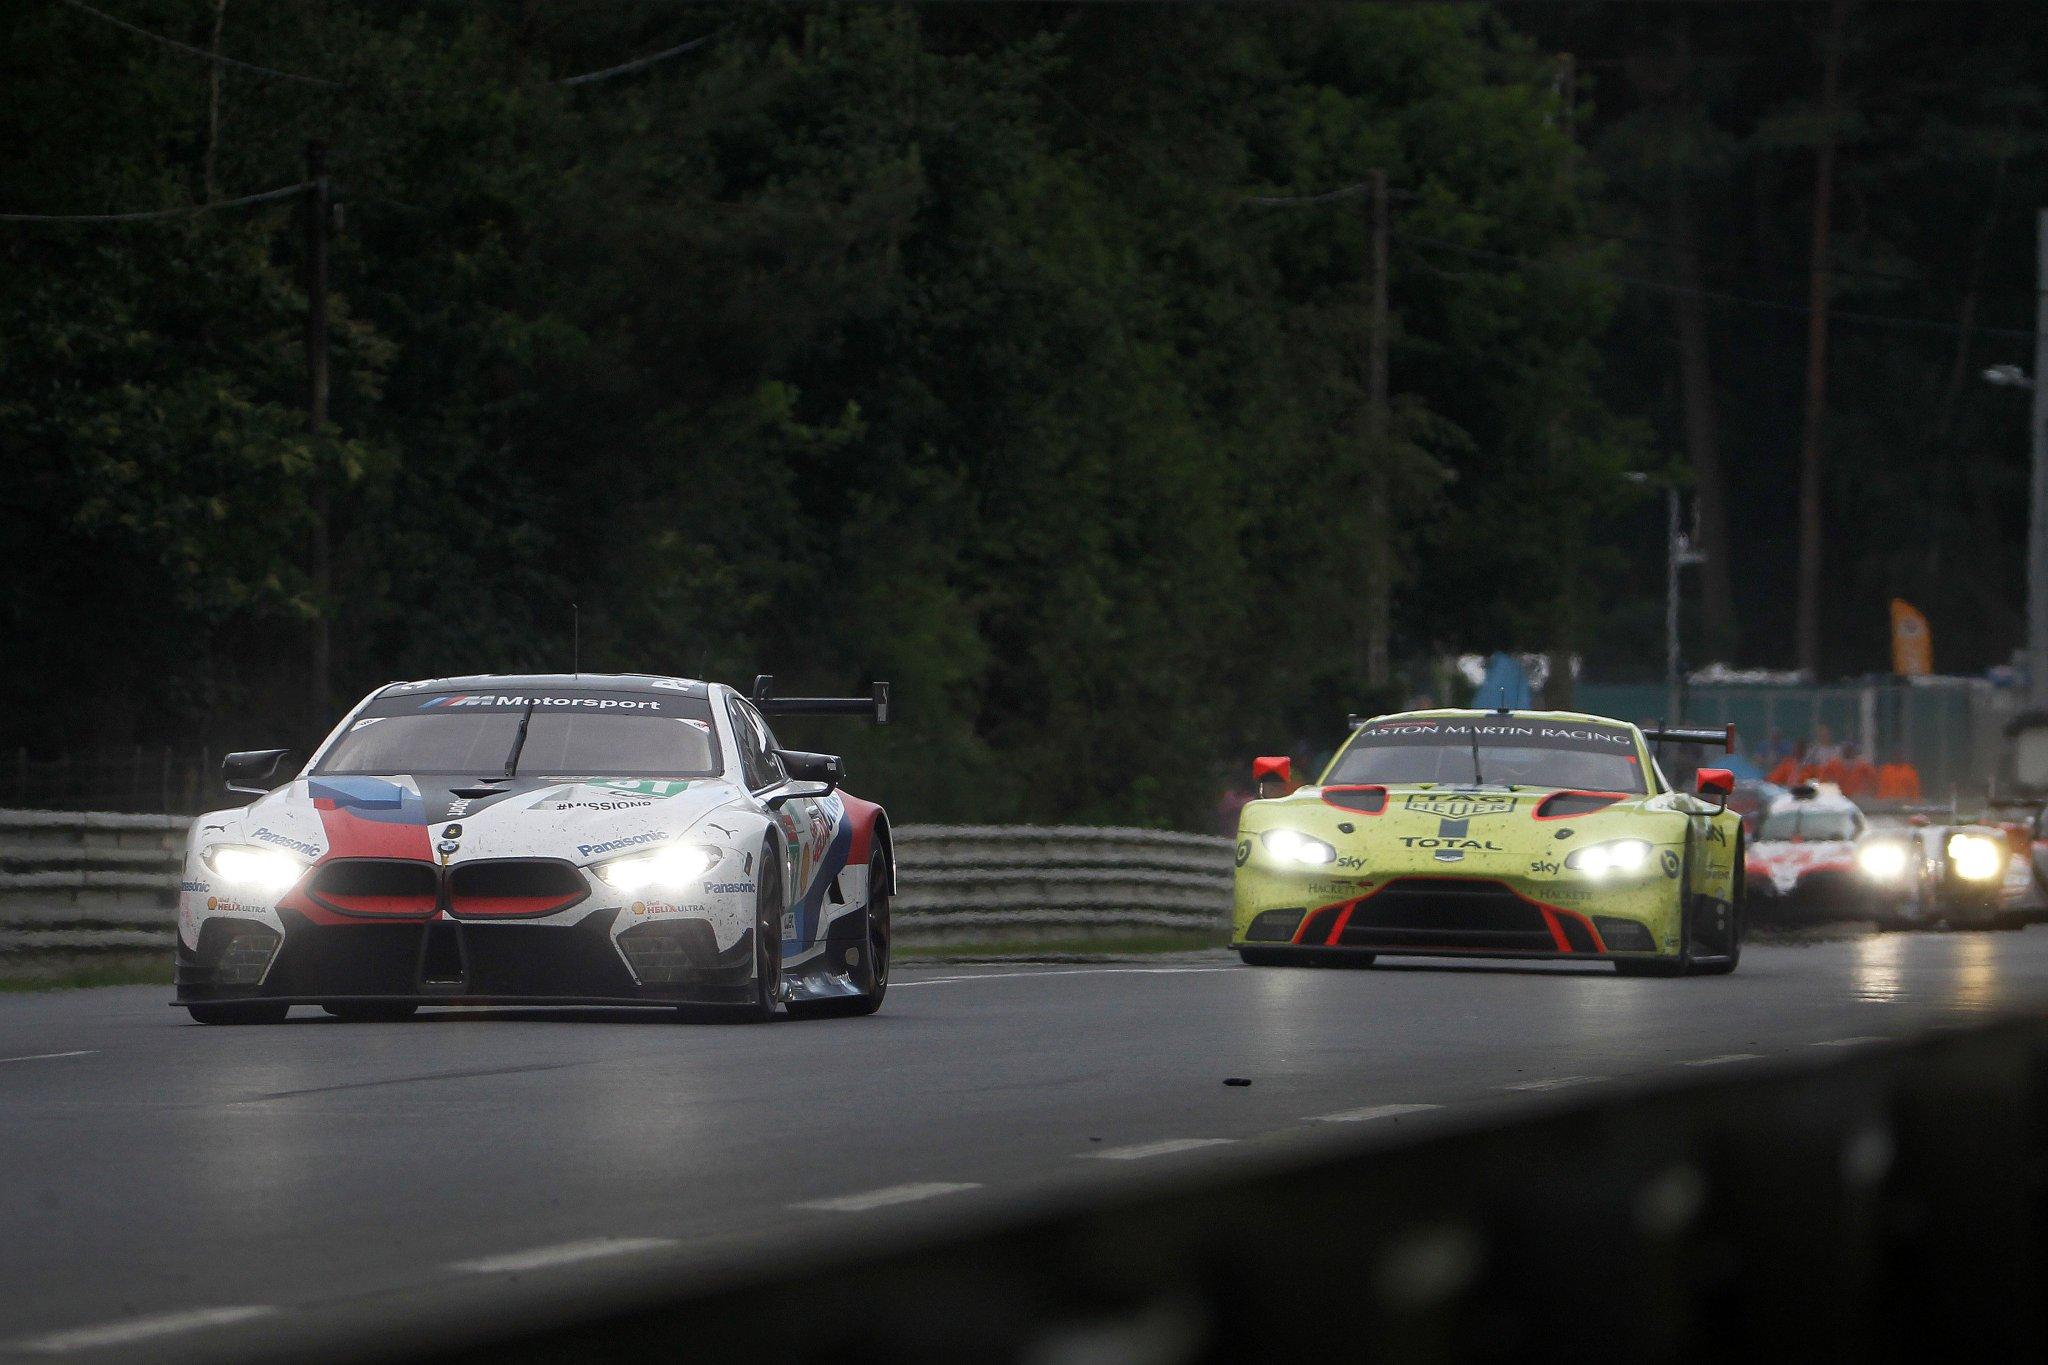 24 Horas de Le Mans 2018 - Página 3 Df3uBHuW4AEbClX